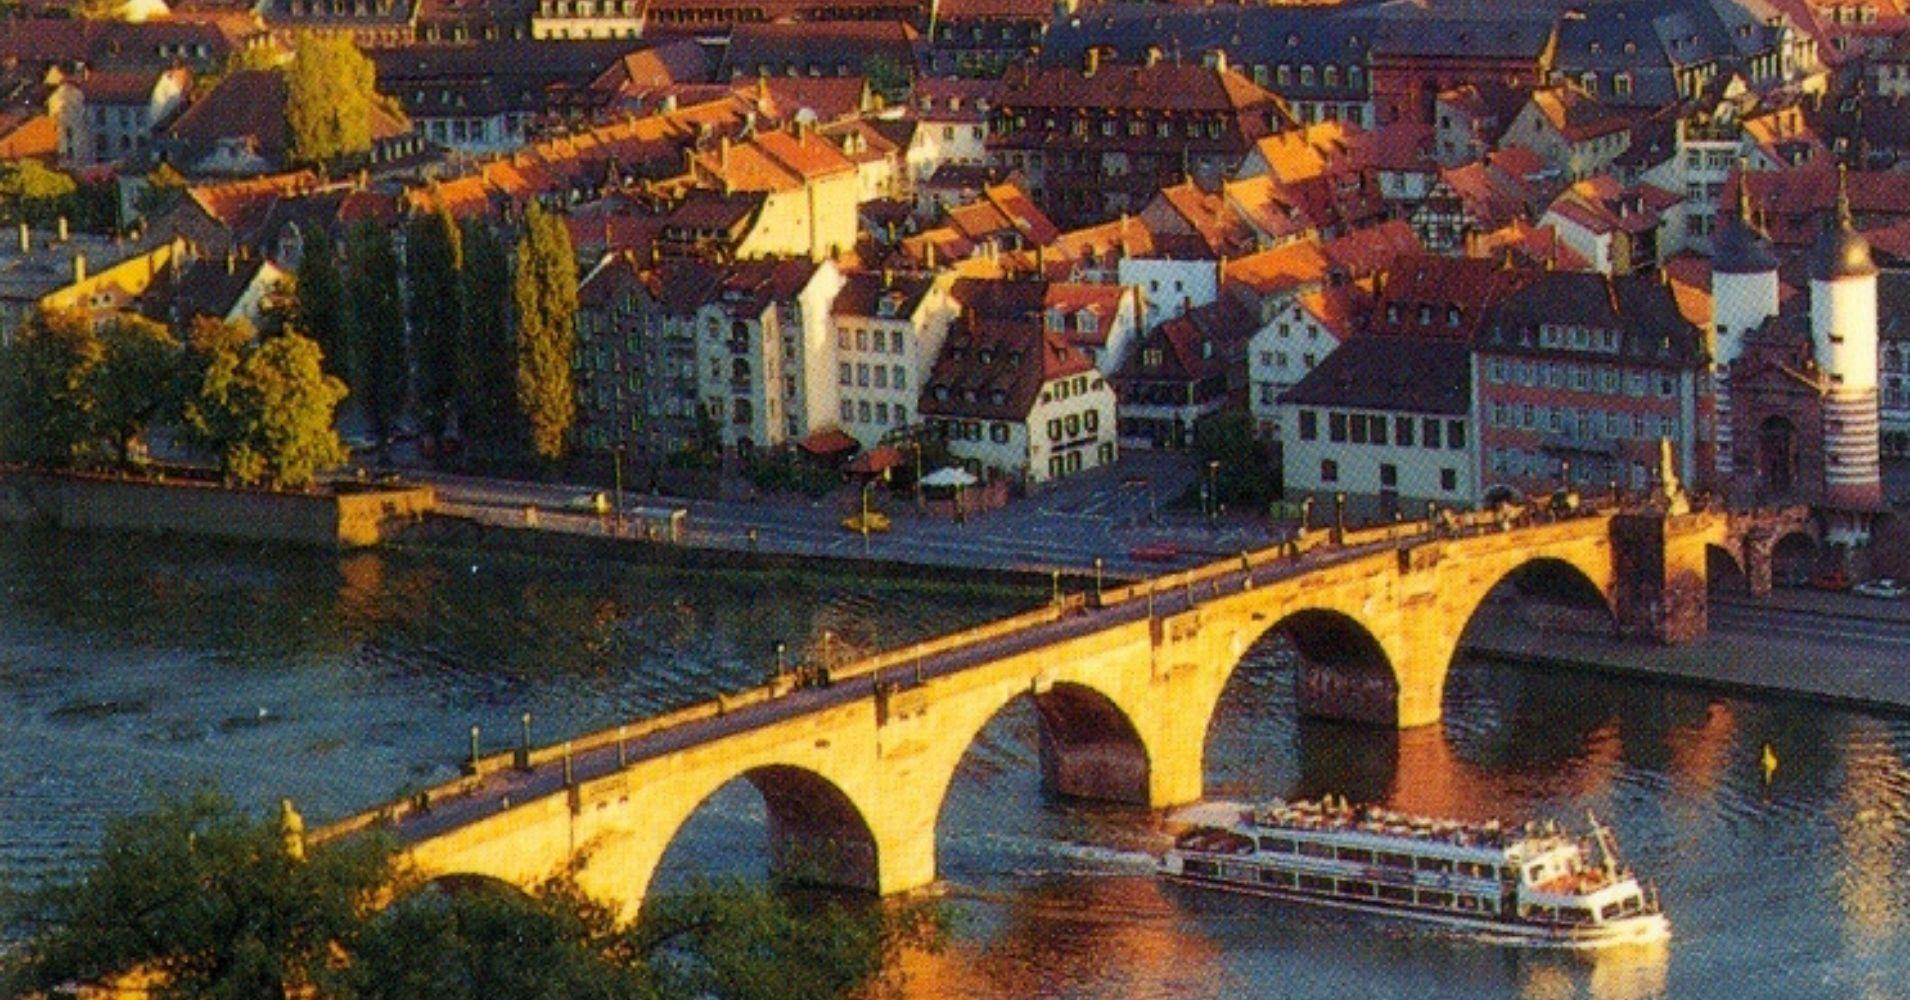 Puente de la Ciudad. Baden-Wurtemberg. Alemania.